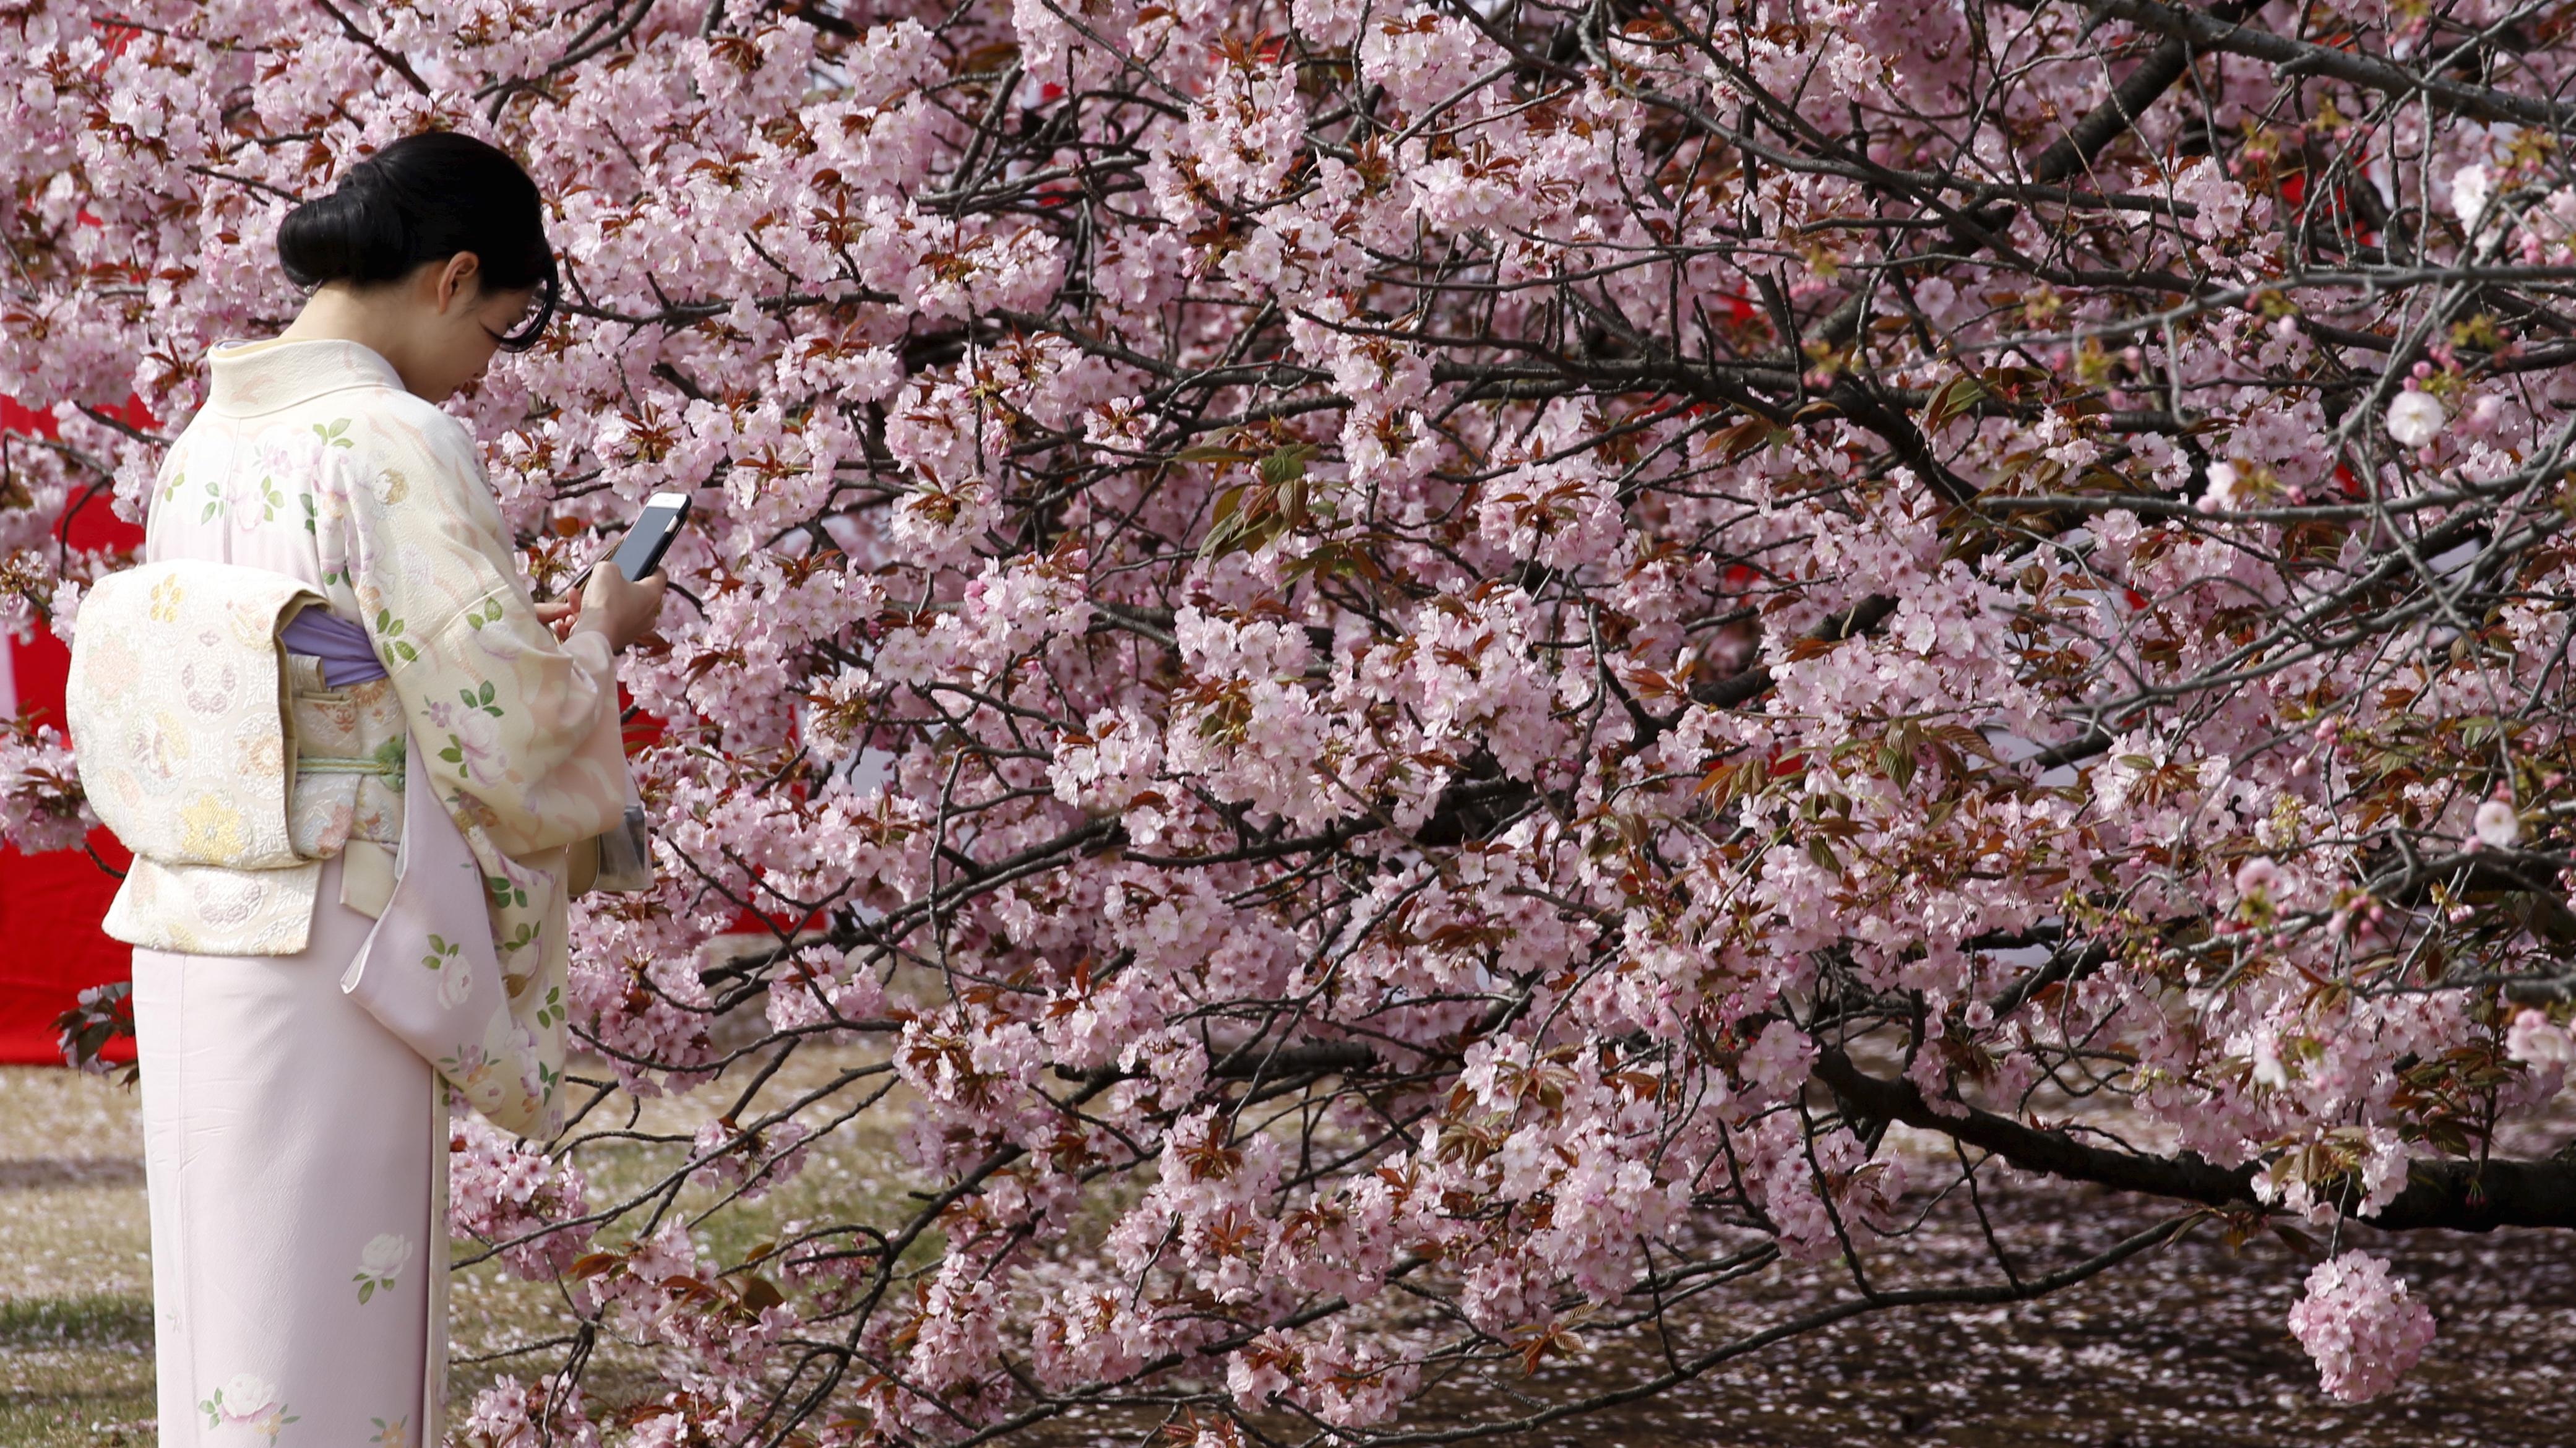 Kimono-clad woman takes photos of cherry blossoms in Tokyo.